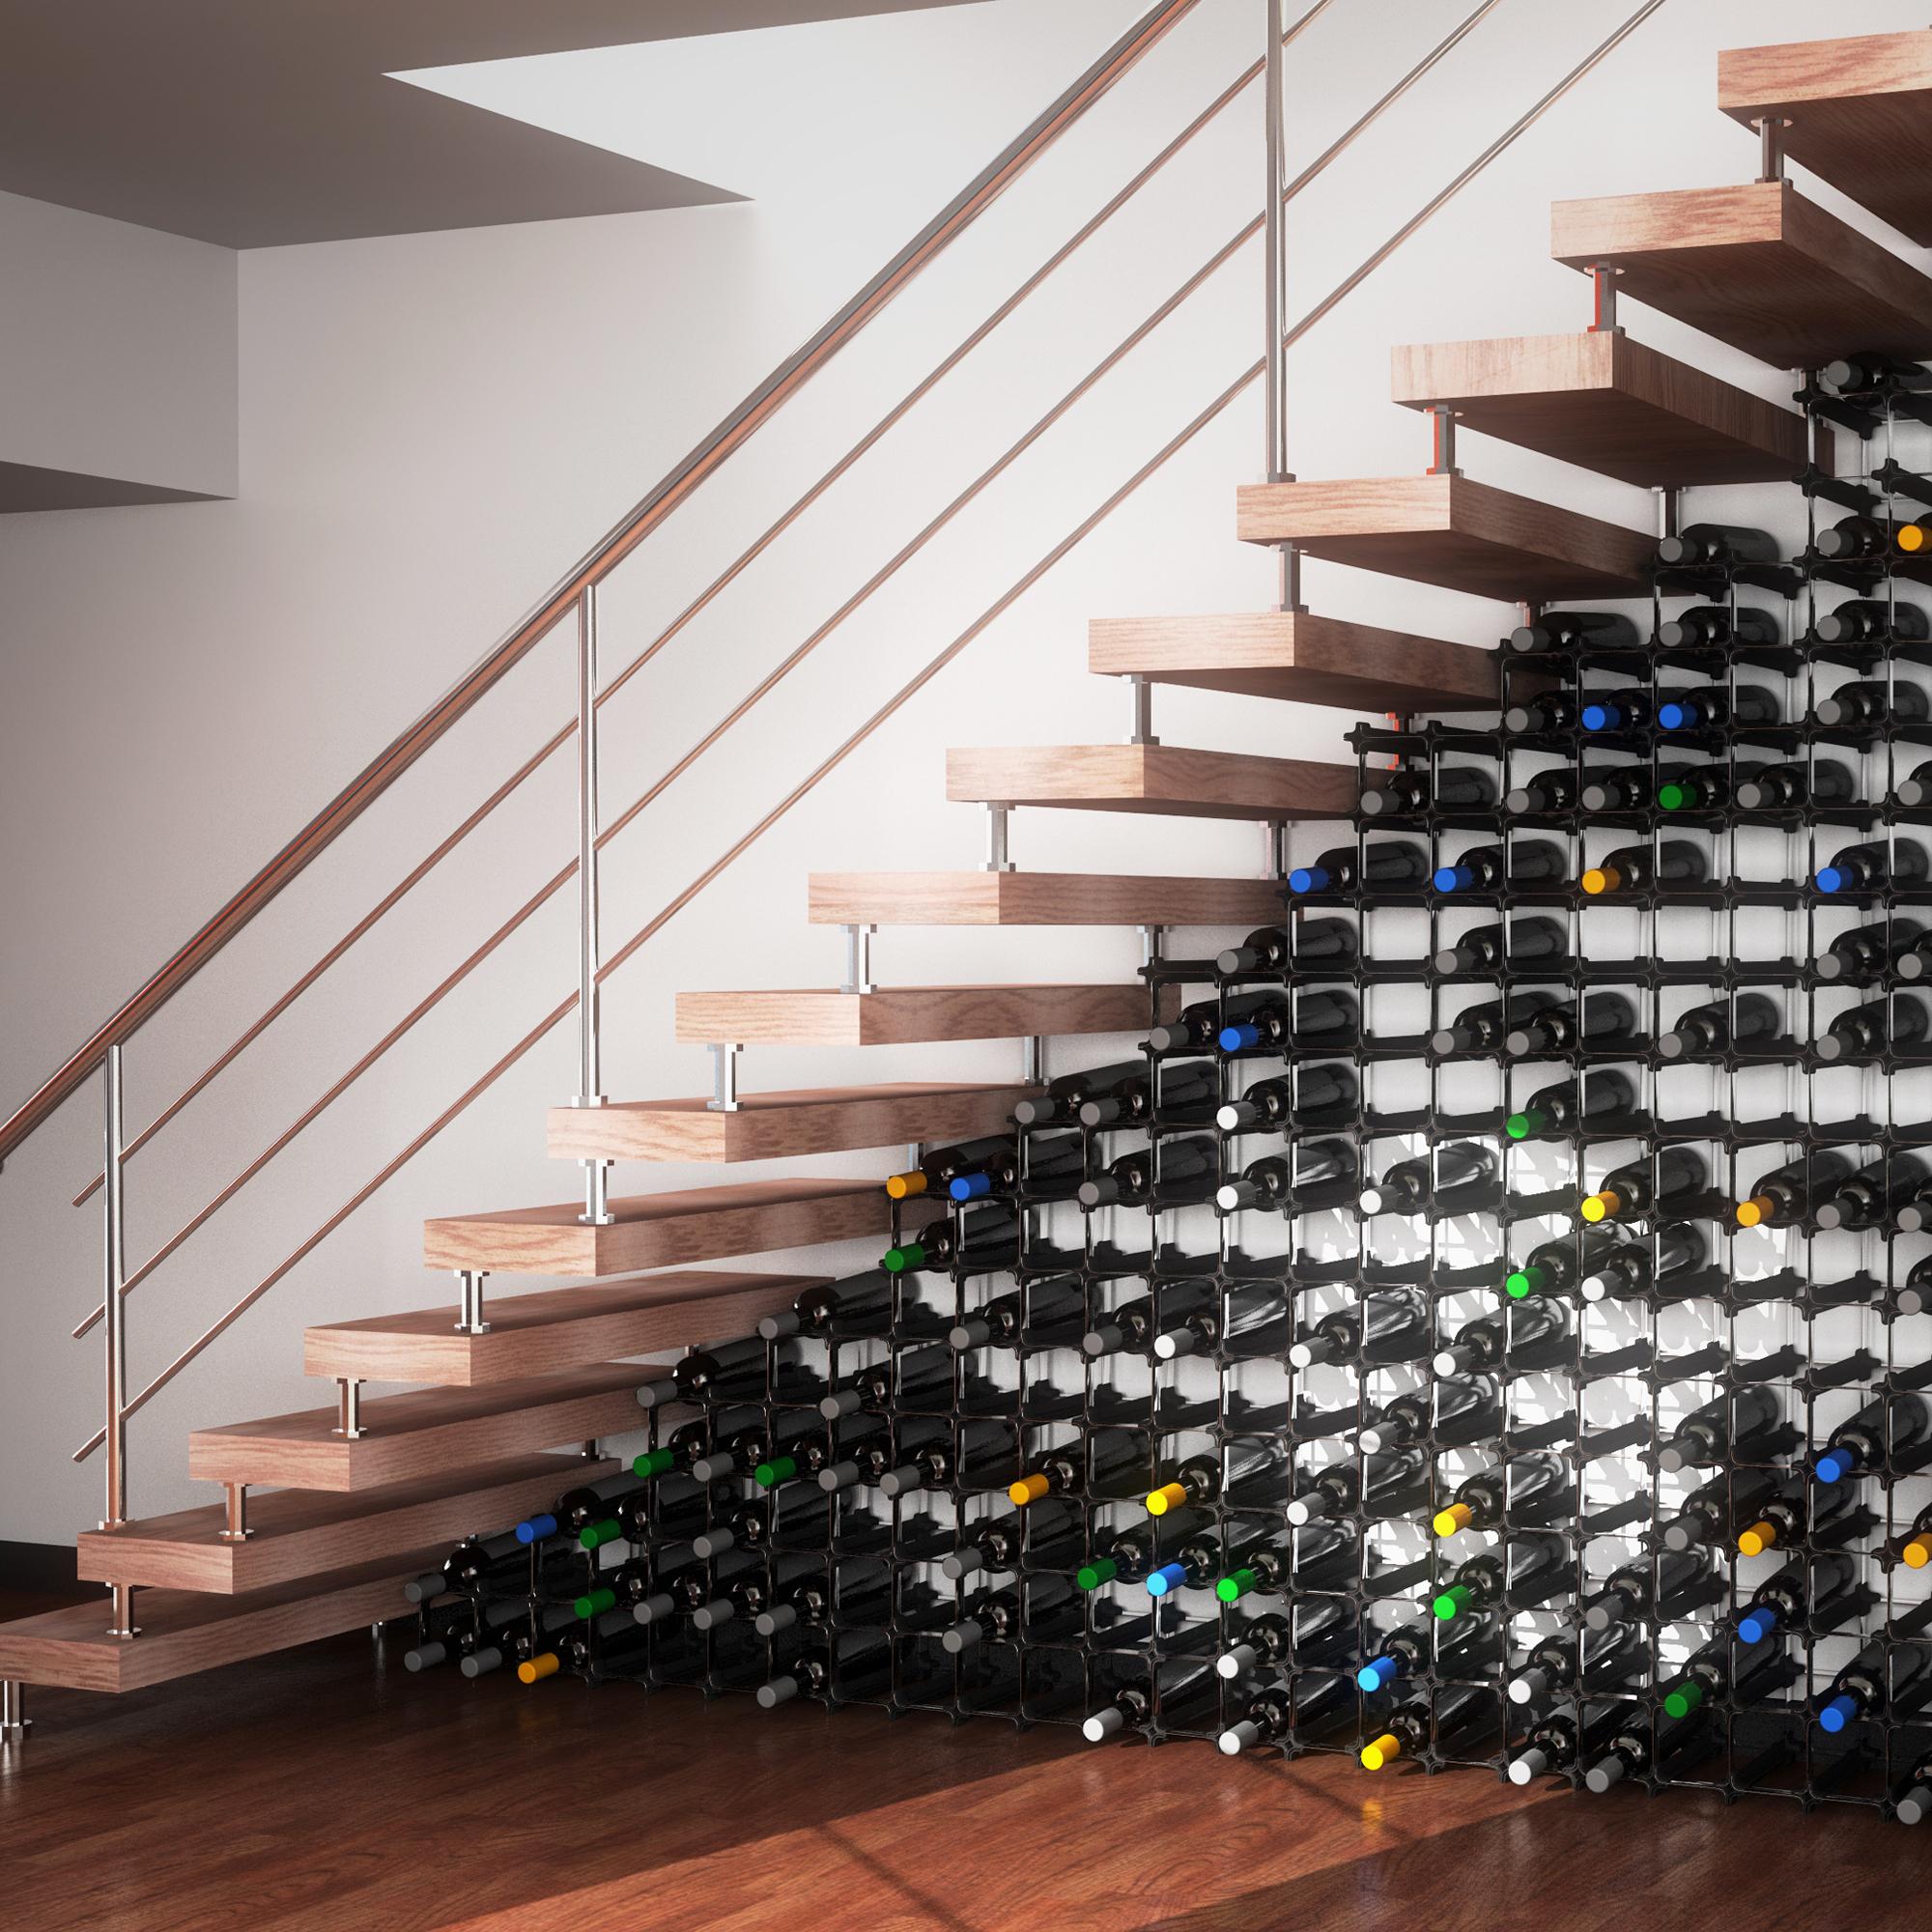 Nook Weinregal 25er Medium Kit Modulares Regalsystem Fur Weinflaschen Praktisches Flaschenregal Flexibel Erweiterbar Zur Optimalen Lagerung Von Flaschen Tradego24 Online Shop